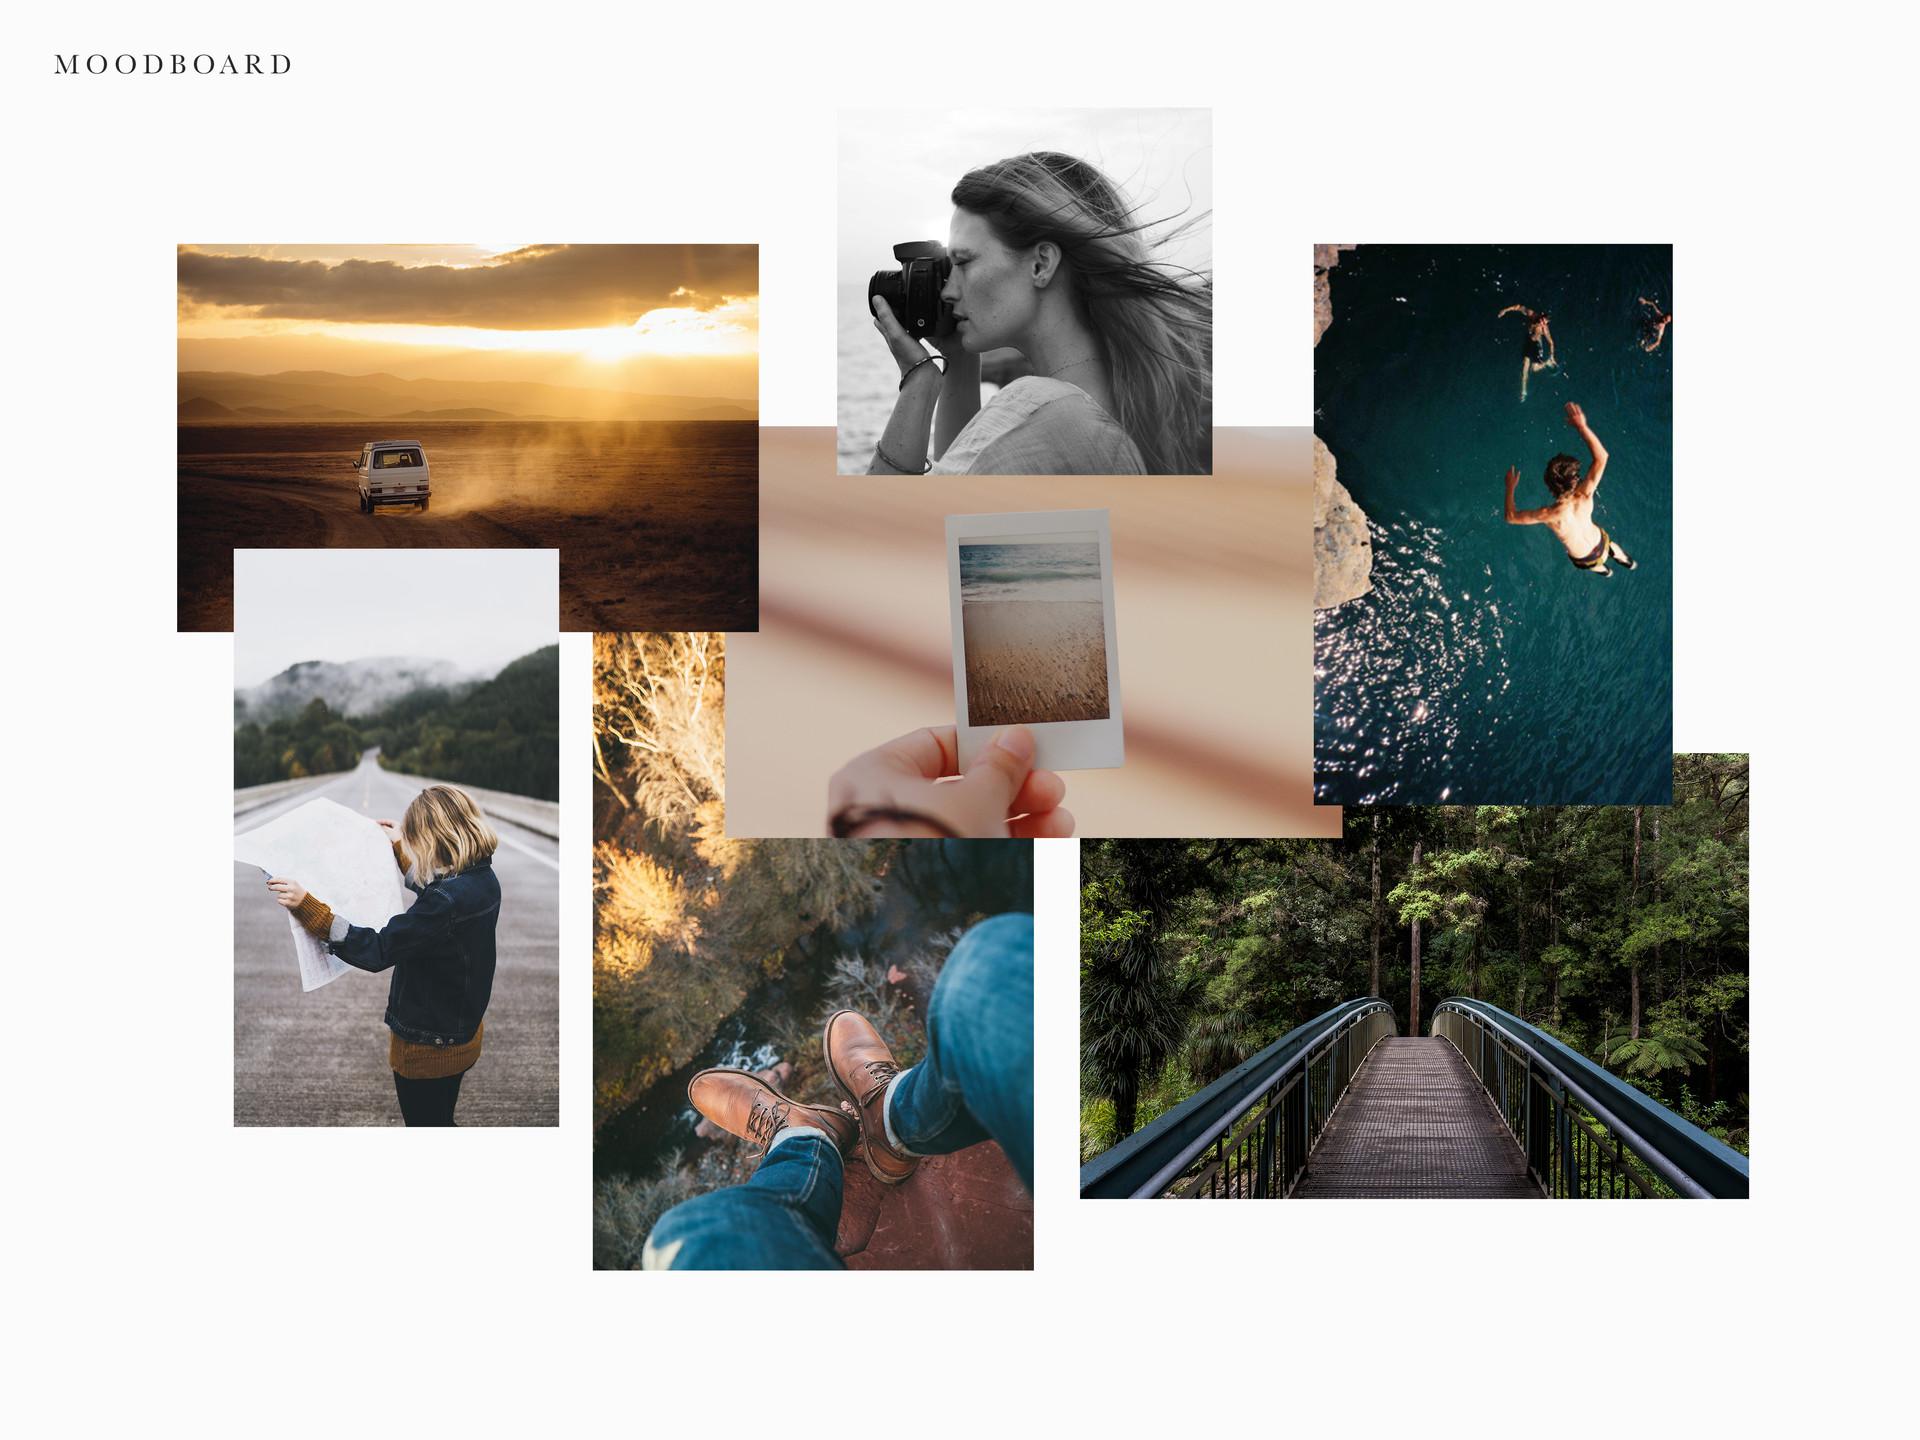 Moodboard_Serendipia.jpg